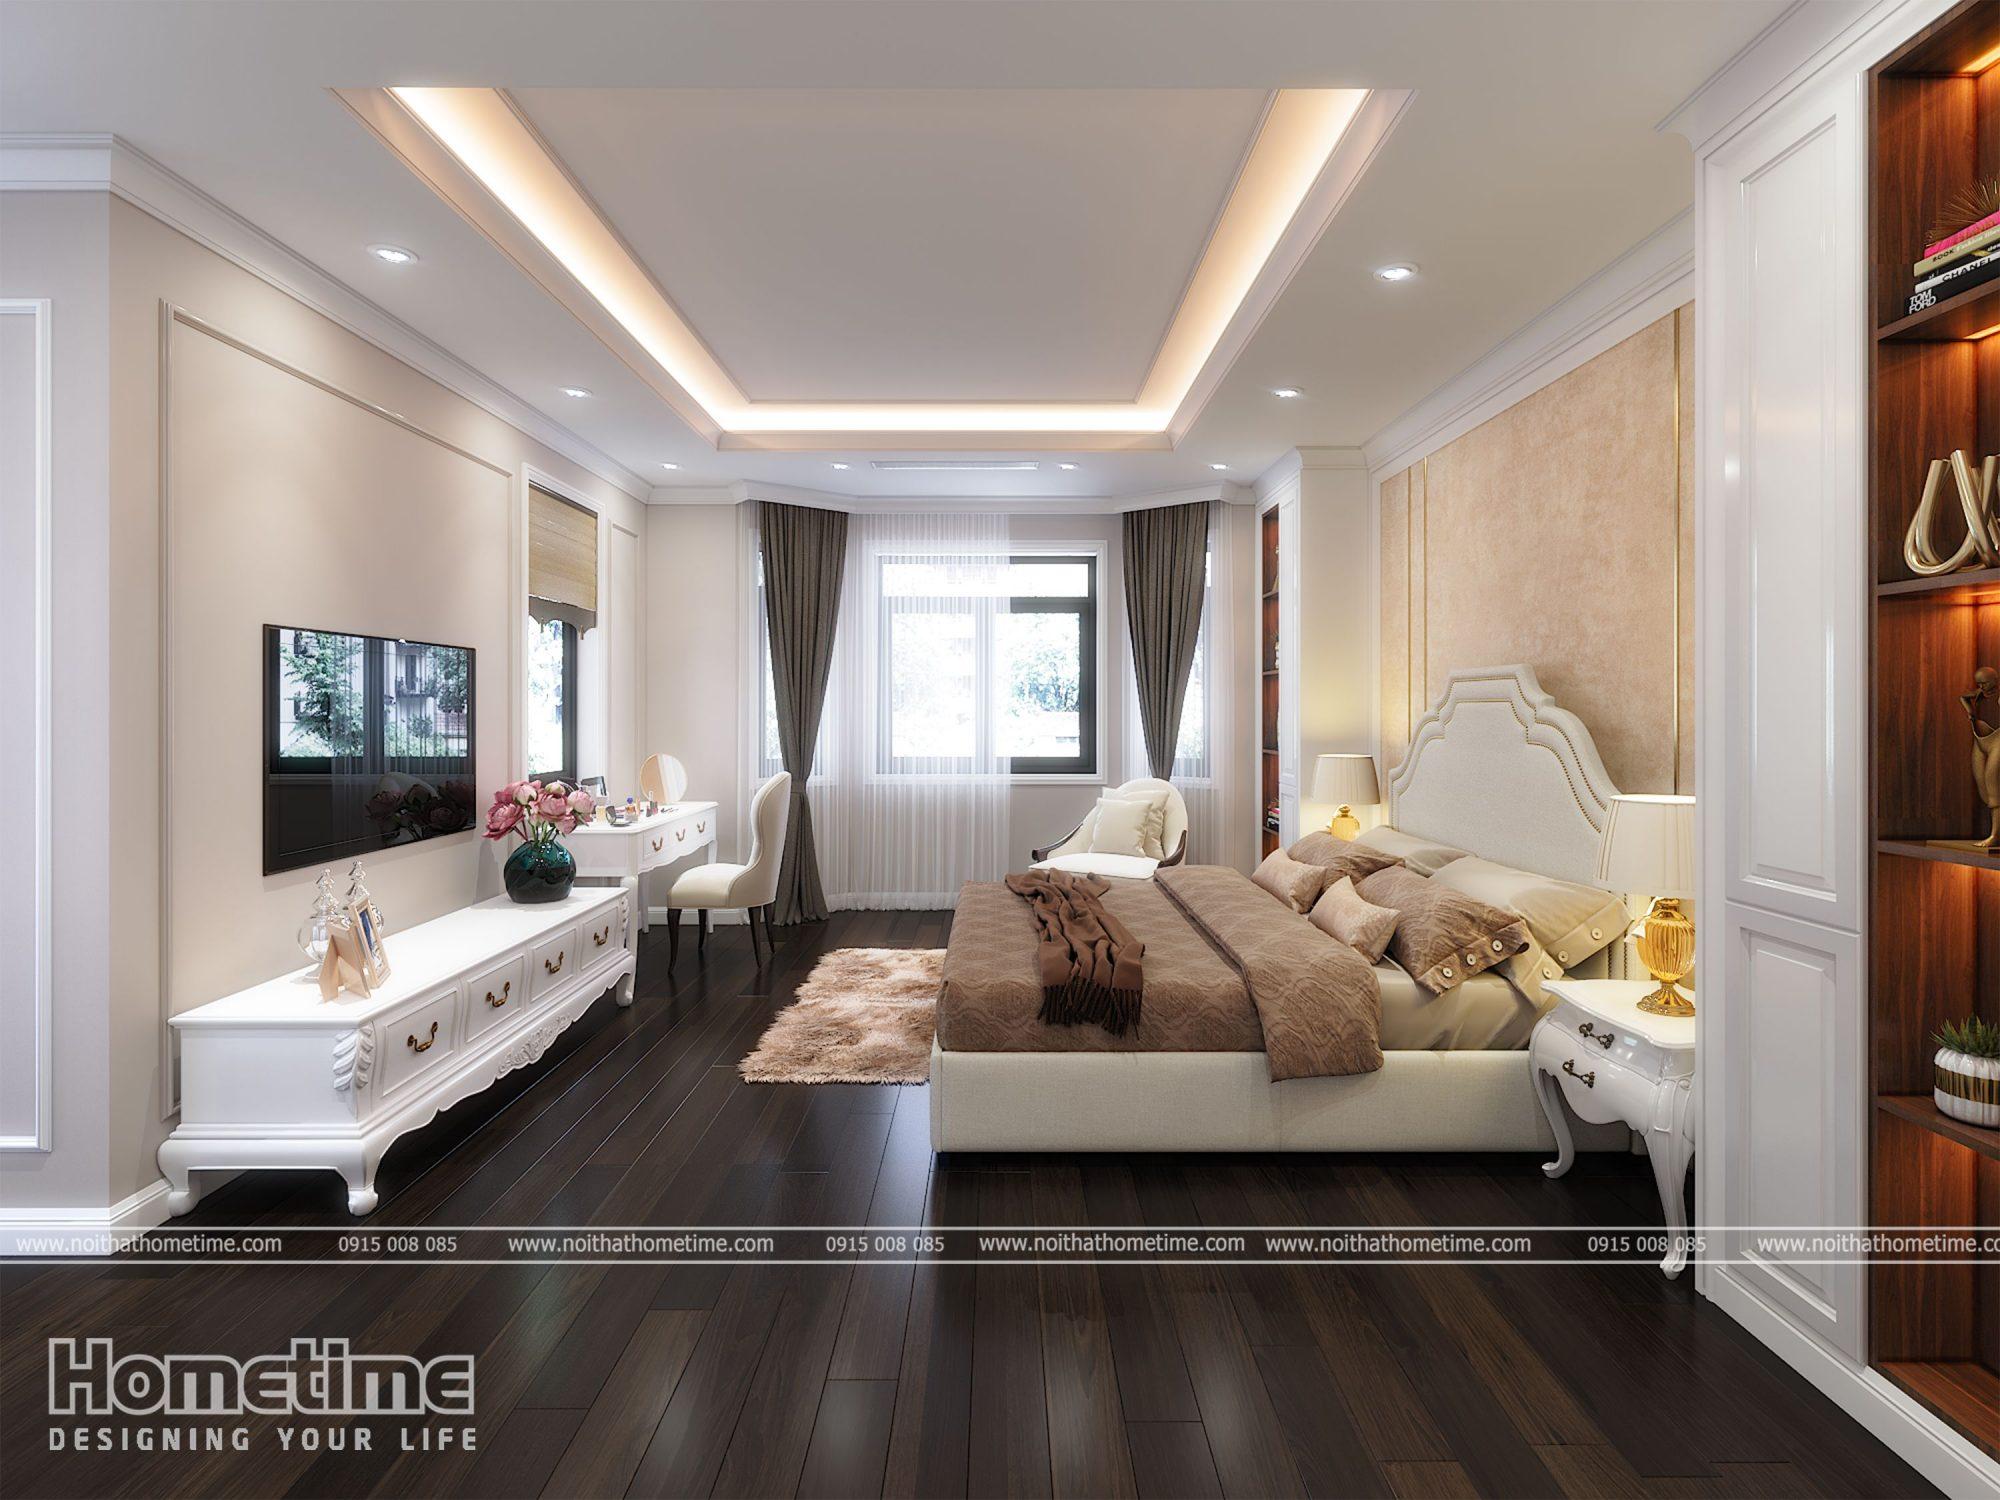 Thiết kế nội thất Tân Cổ Điển biệt thự Vinhomes